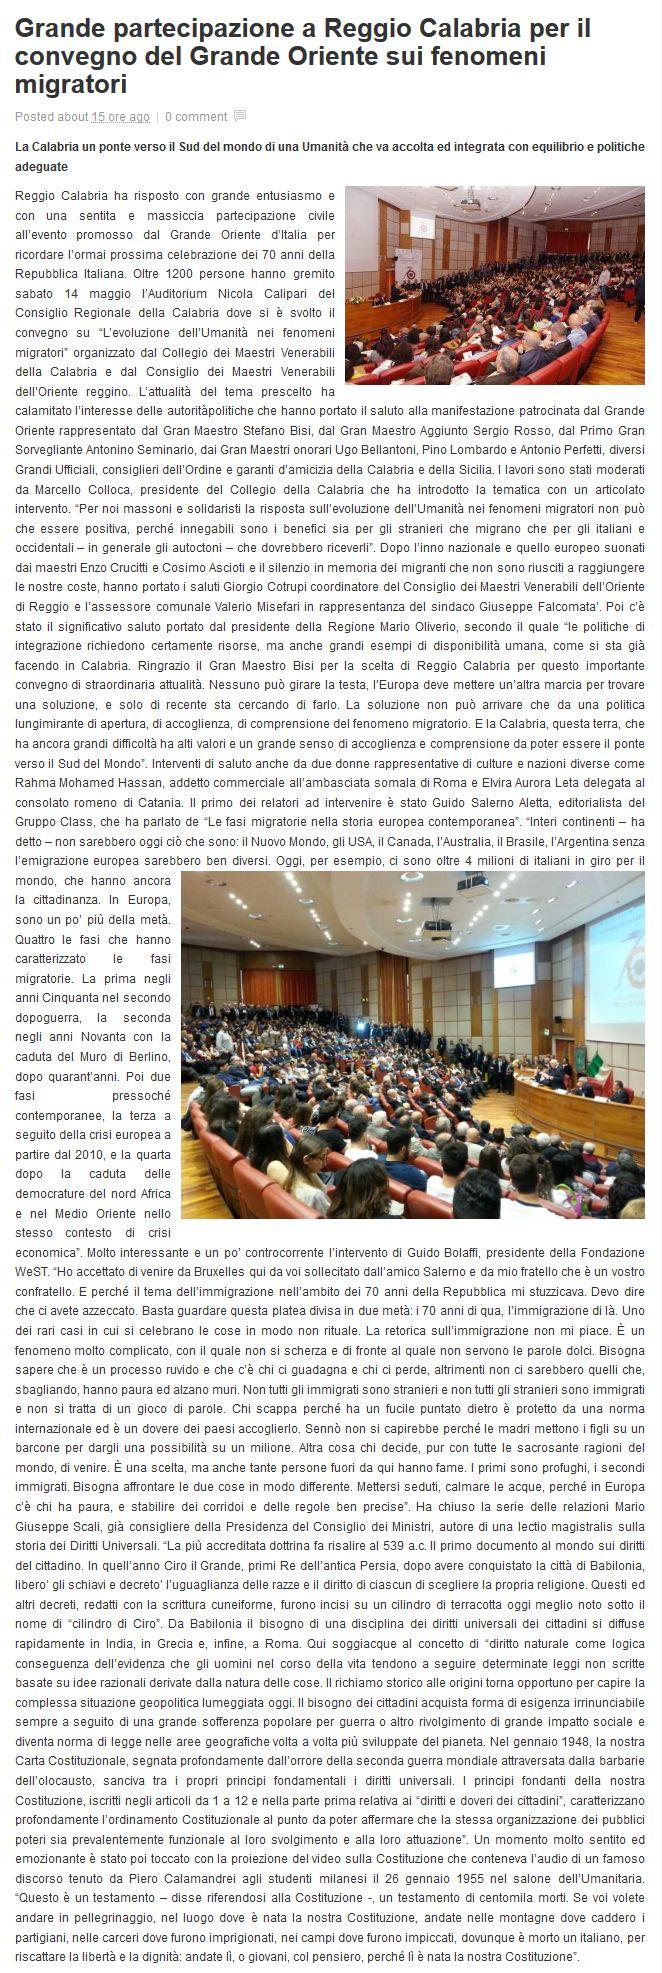 L'articolo pubblicato  il 17 maggio 2016 dal giornale web Il Metropolitano